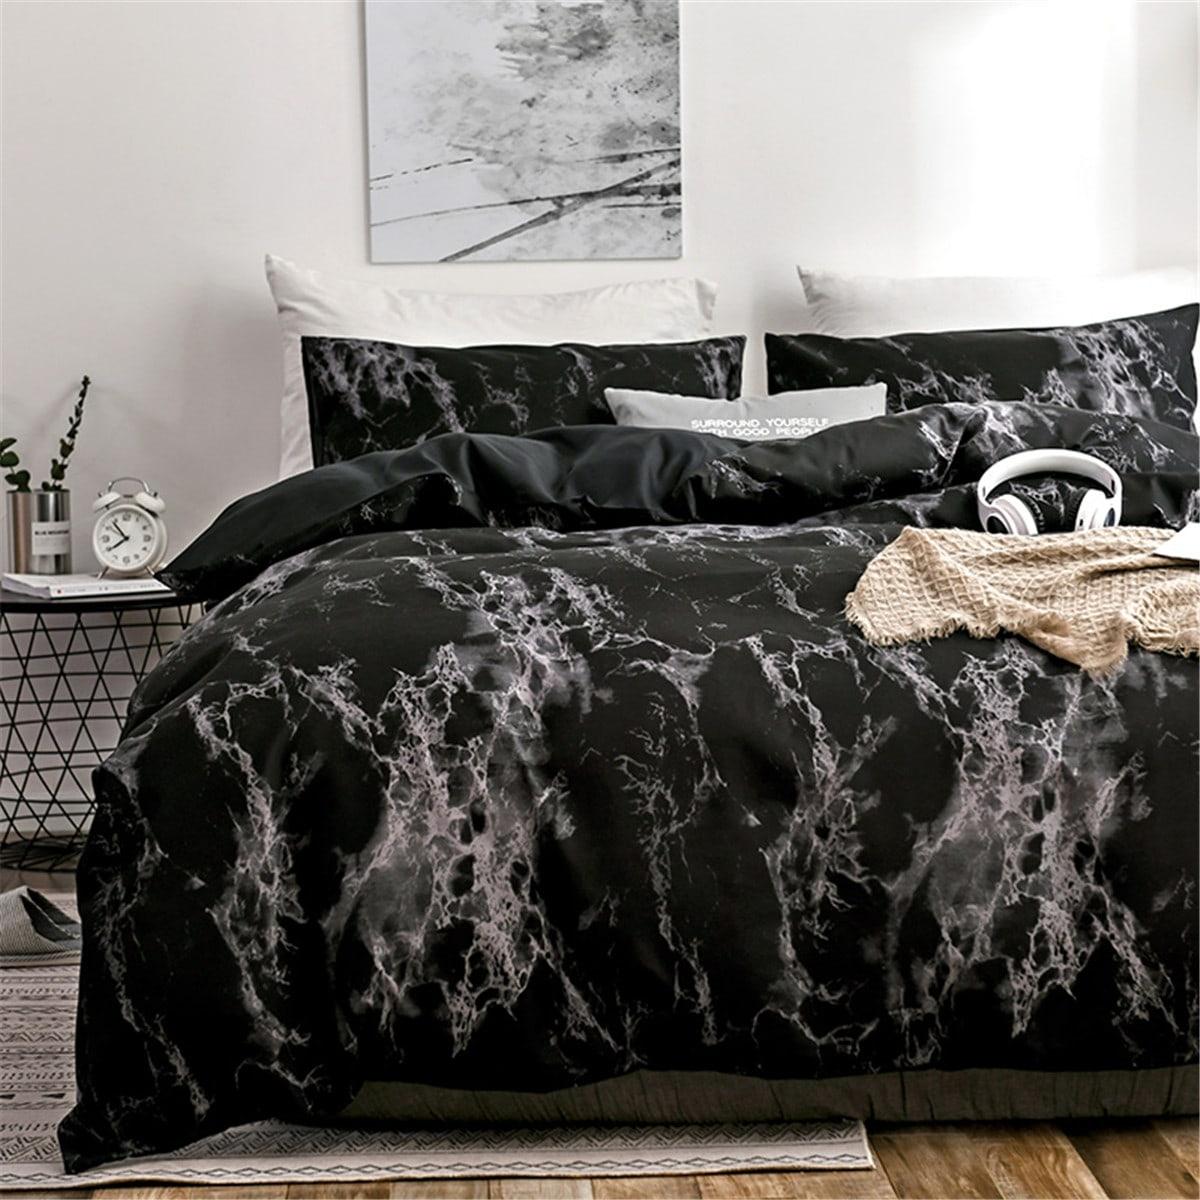 Комплект постельного белья с мраморным принтом без наполнителя